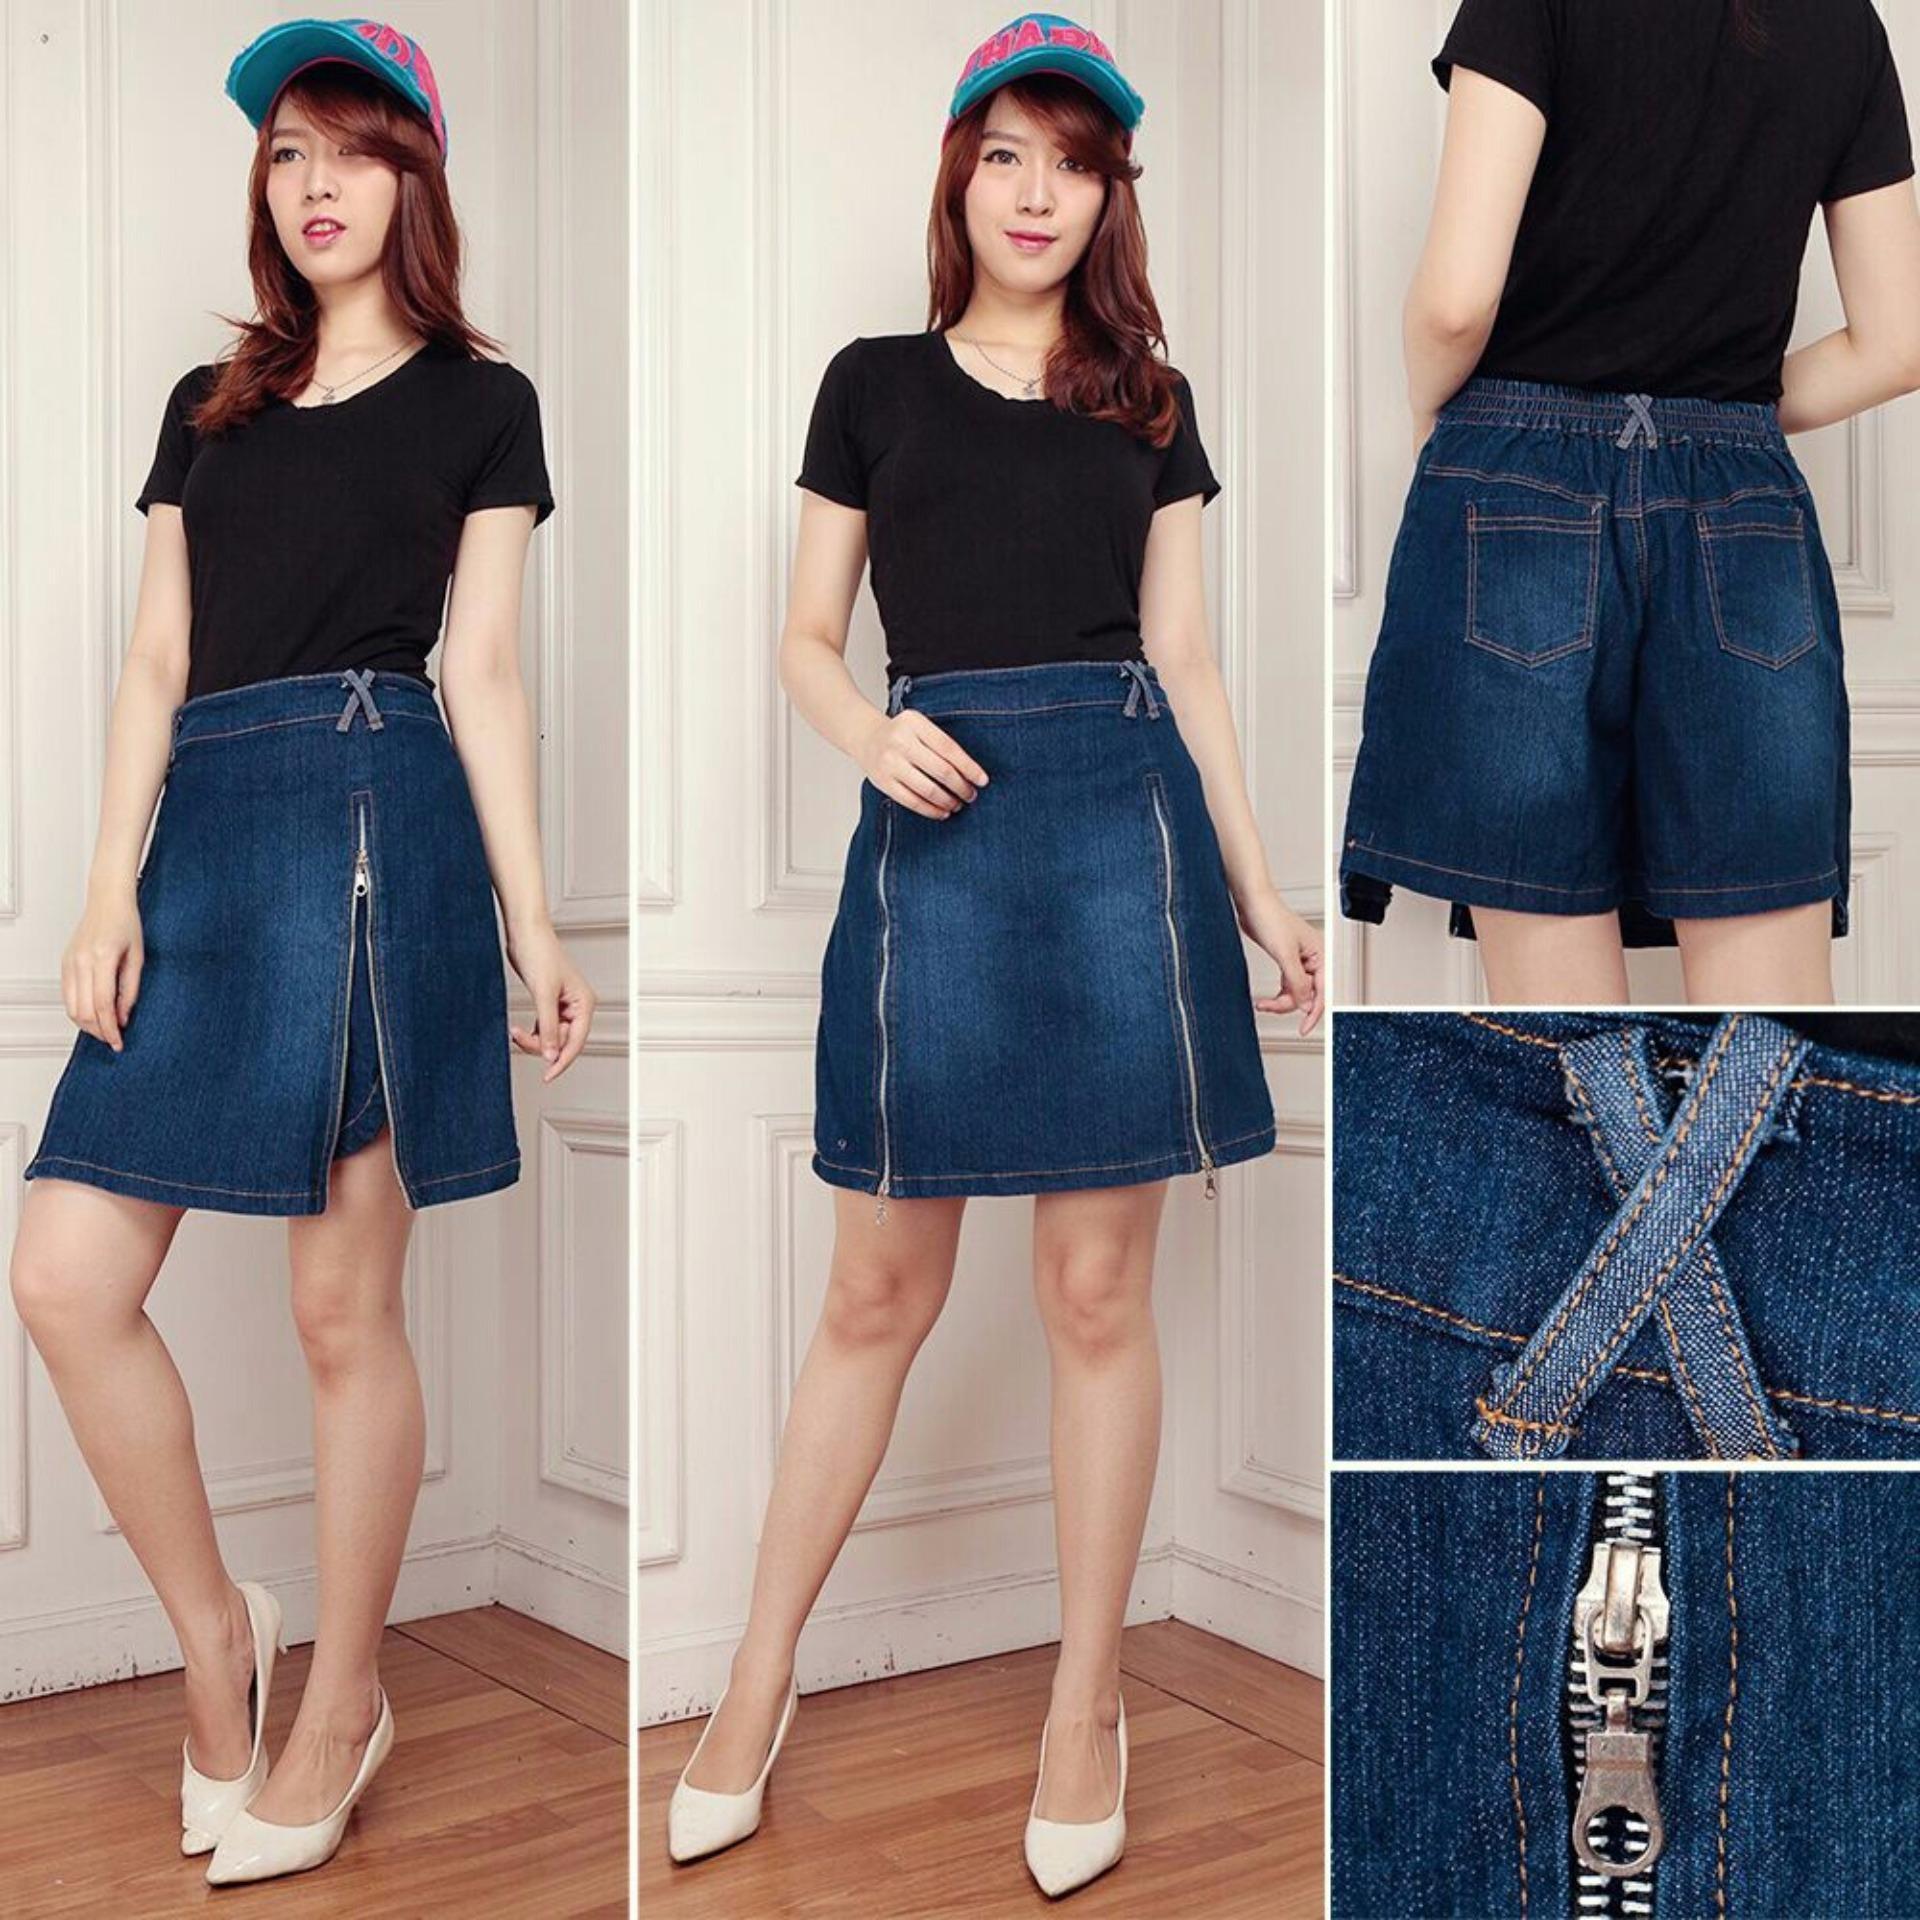 Jual Beli Celana Pendek Jeans Hotpant Wanita Jumbo Short Pant Twinzipper Baru Banten